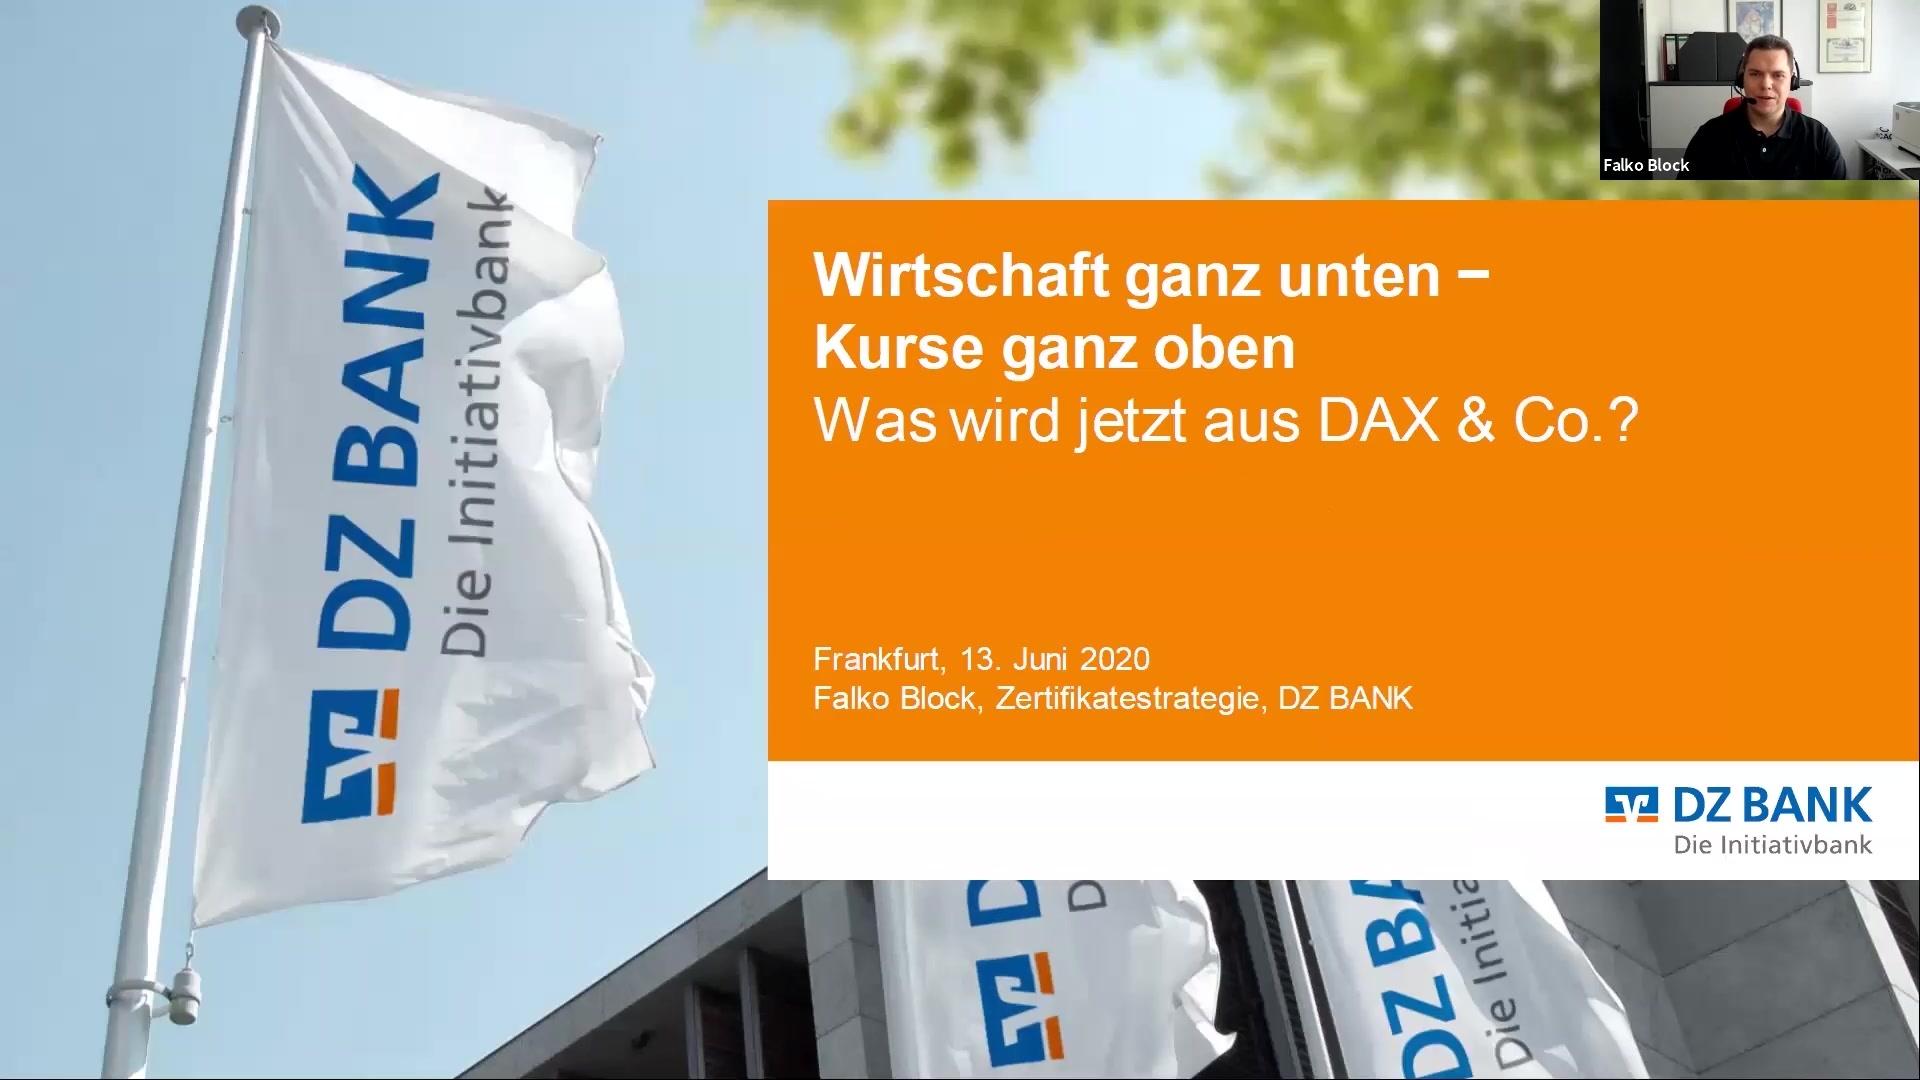 Wirtschaft ganz unten, Kurse ganz oben - was wird jetzt aus DAX & Co.?